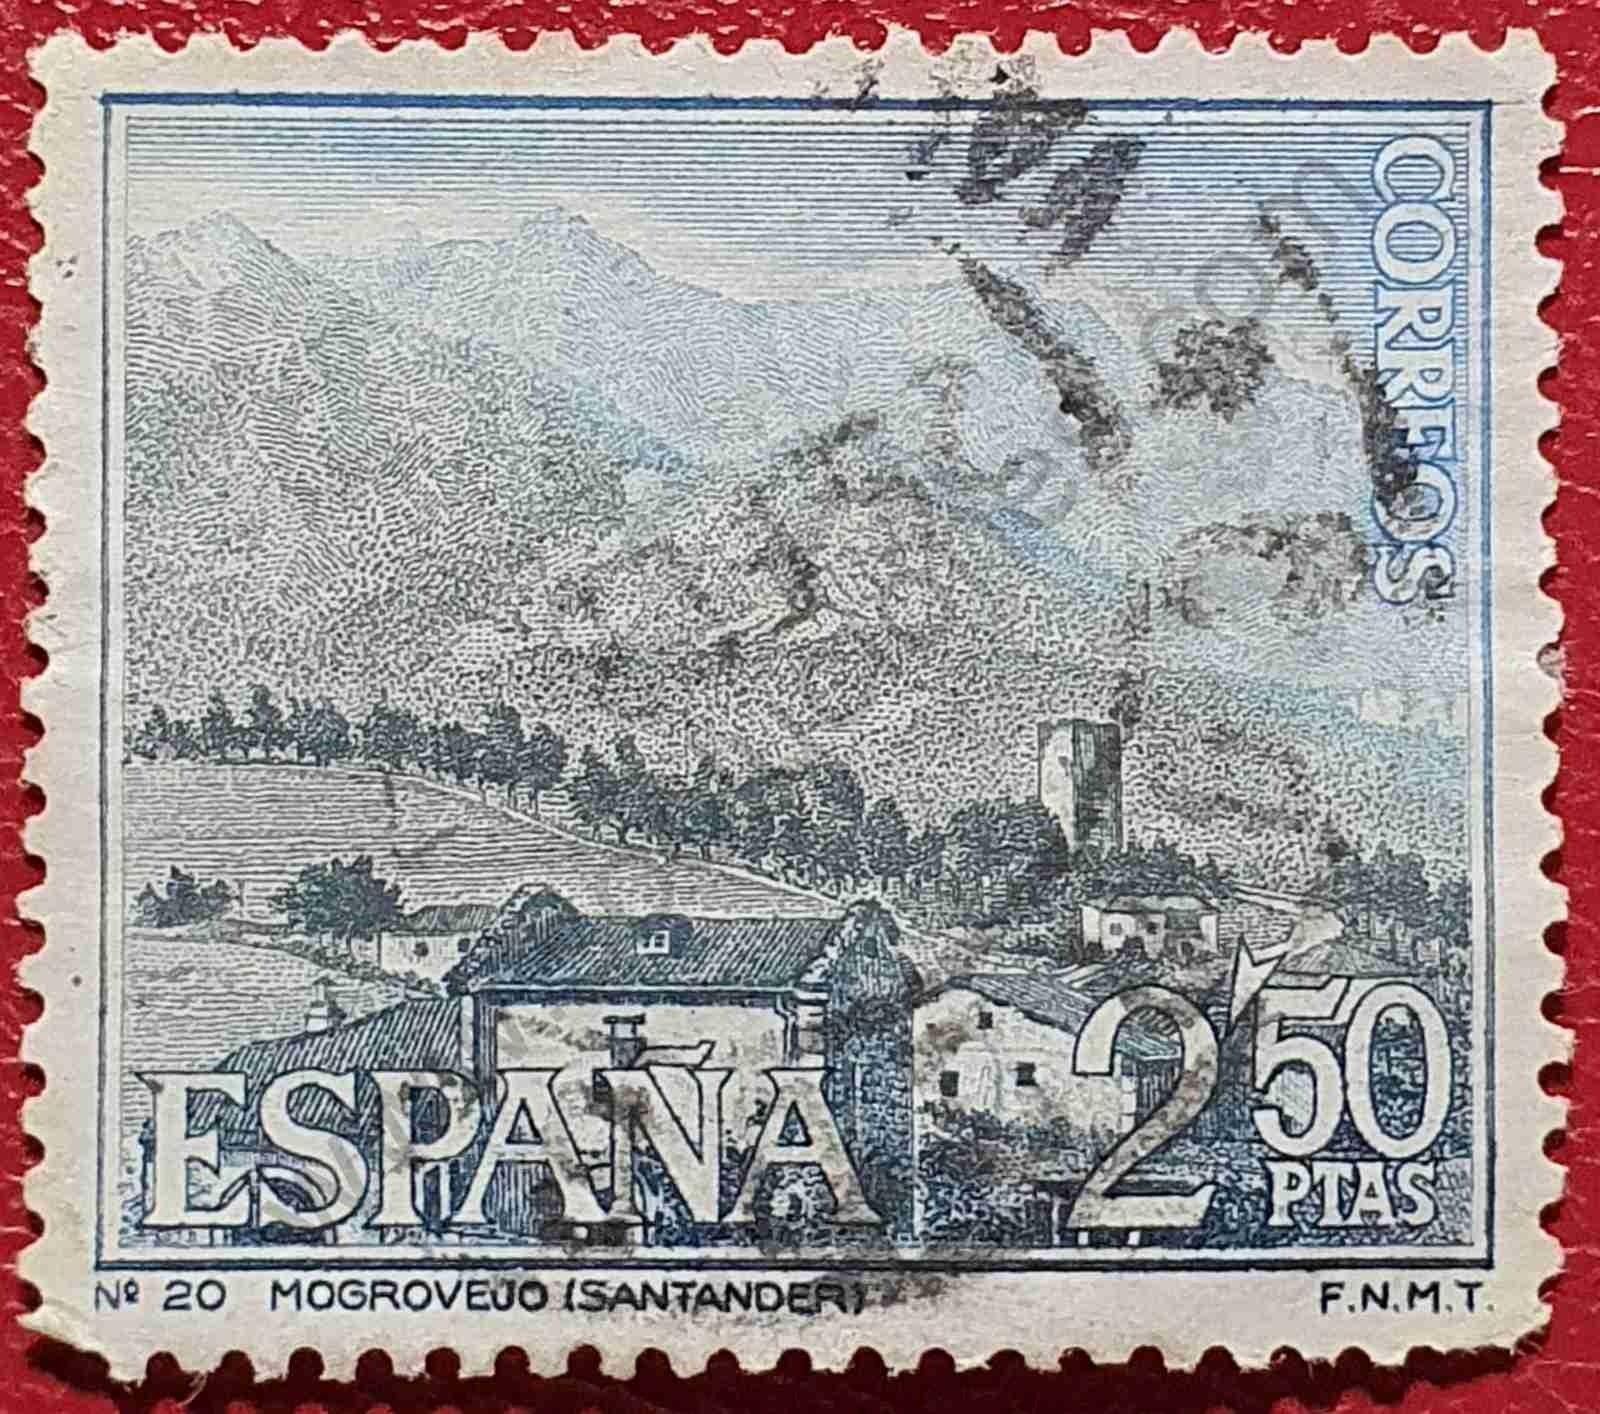 Sello Mogrovejo en Cantabria - España 1965